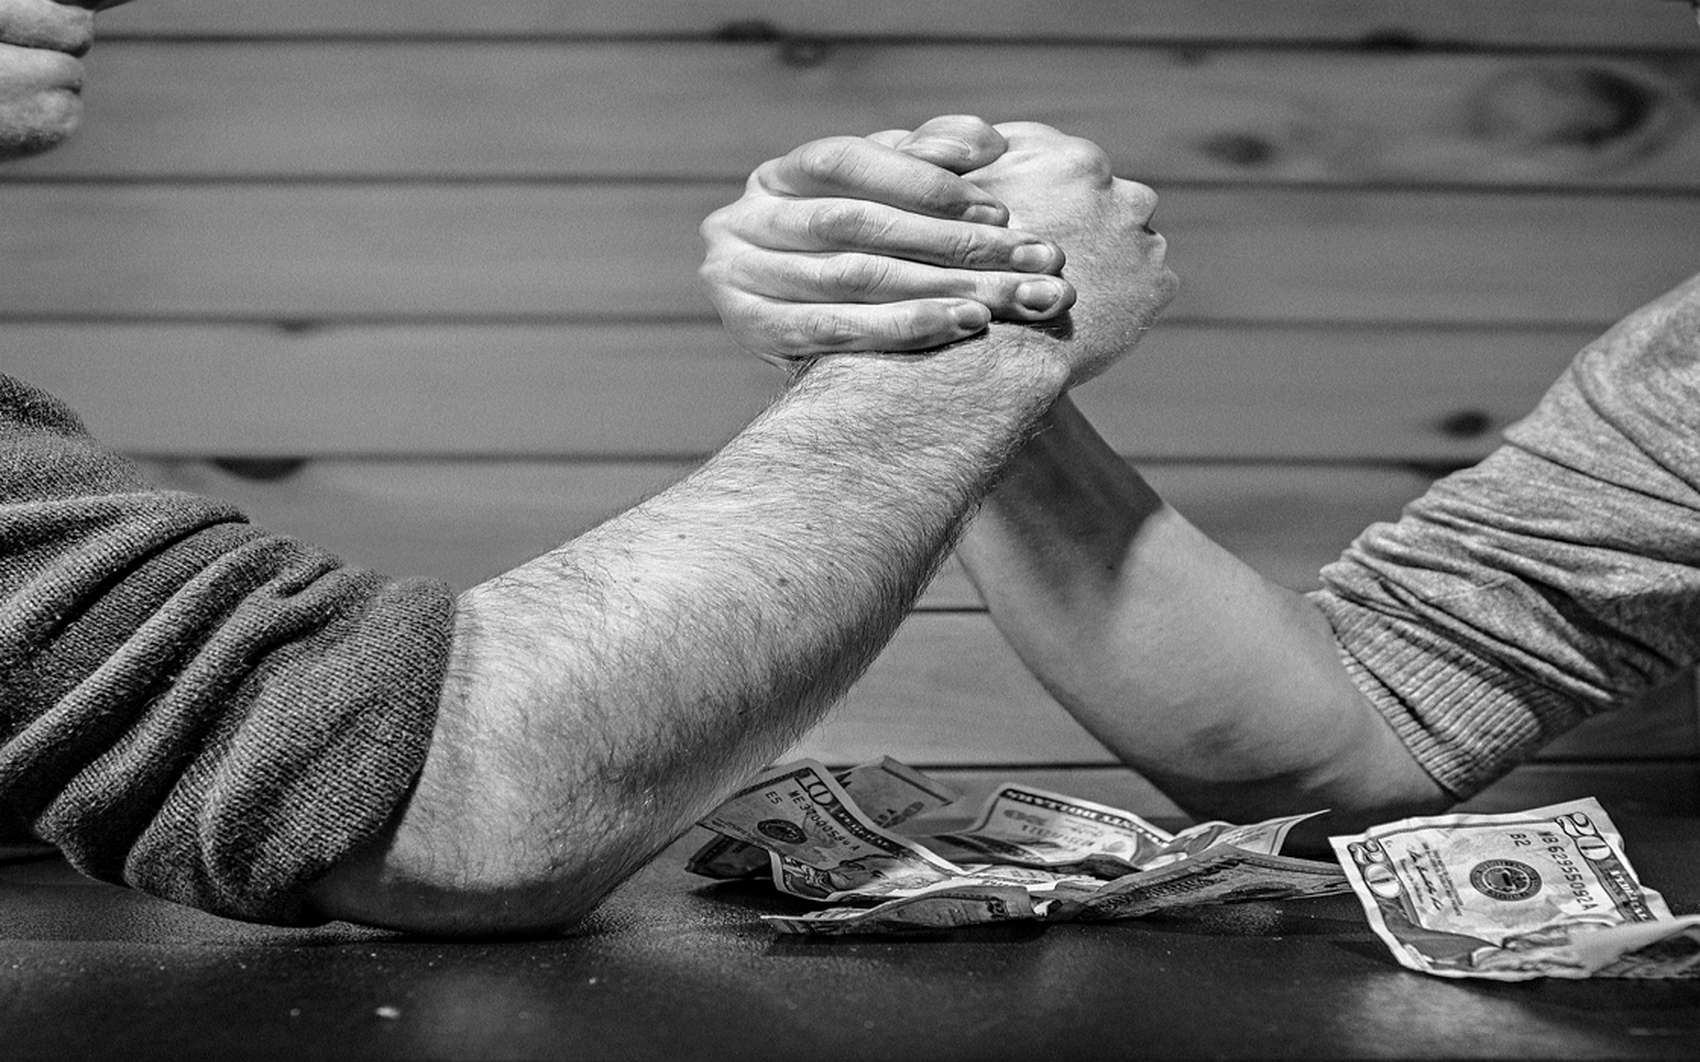 Futura fait un tour d'horizon des meilleures applications de paris sportifs. © pxhere.com